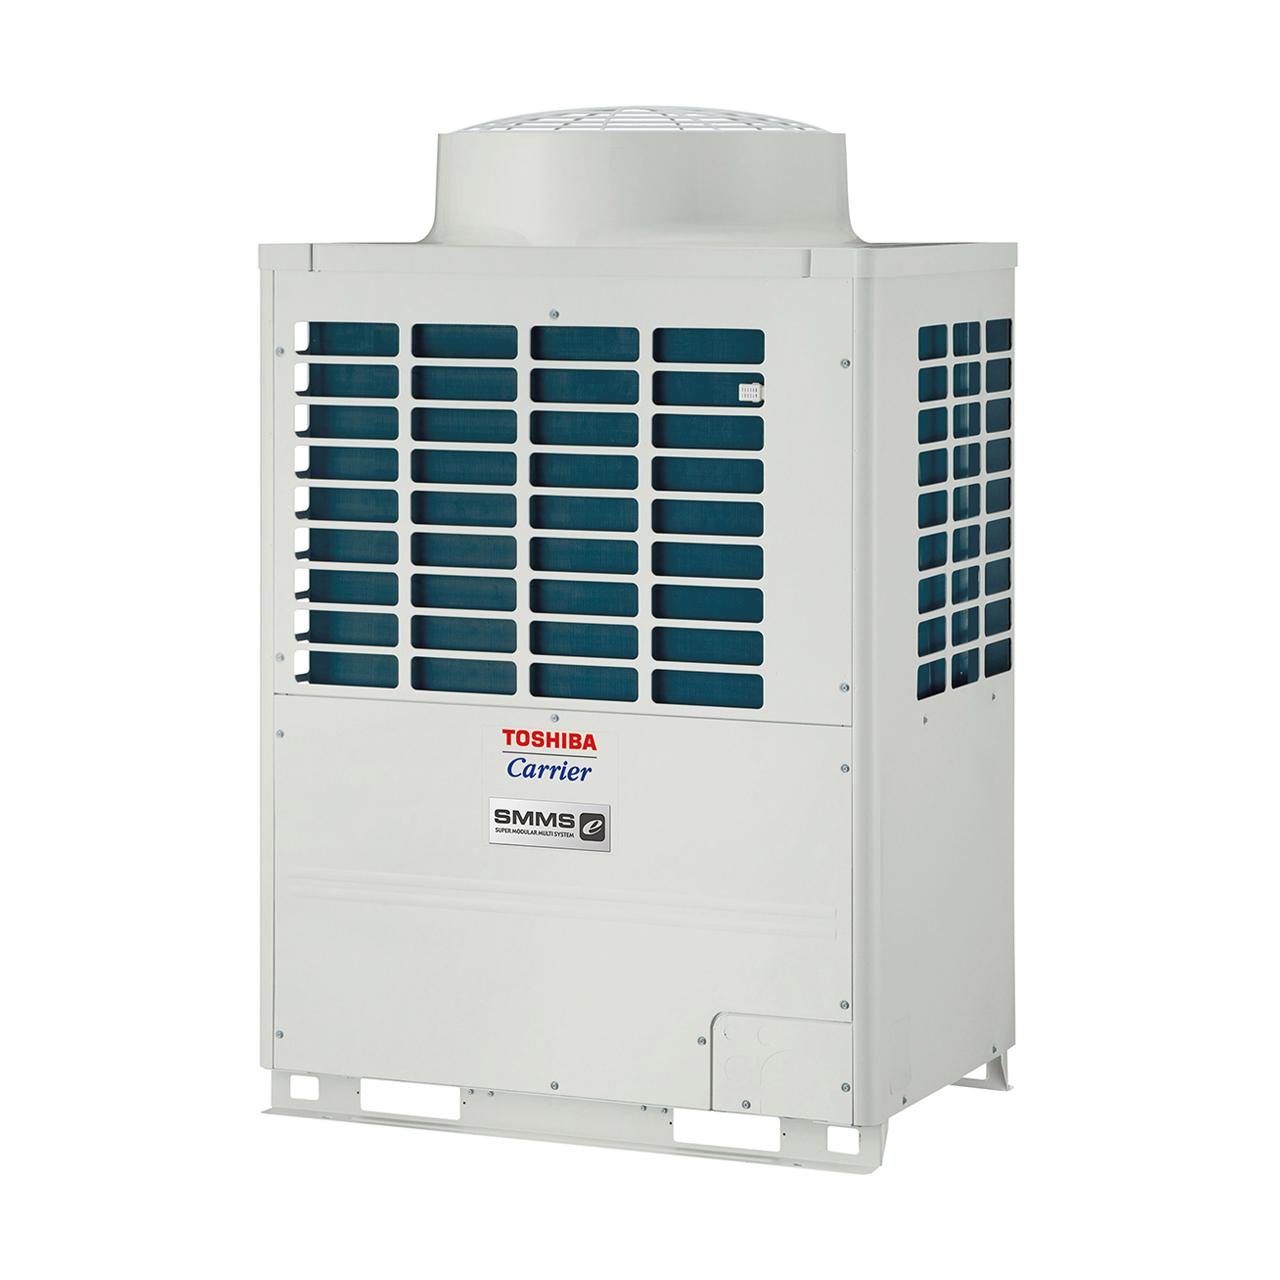 carrier-mmyh-vrf-triple-module-heat-pump-system